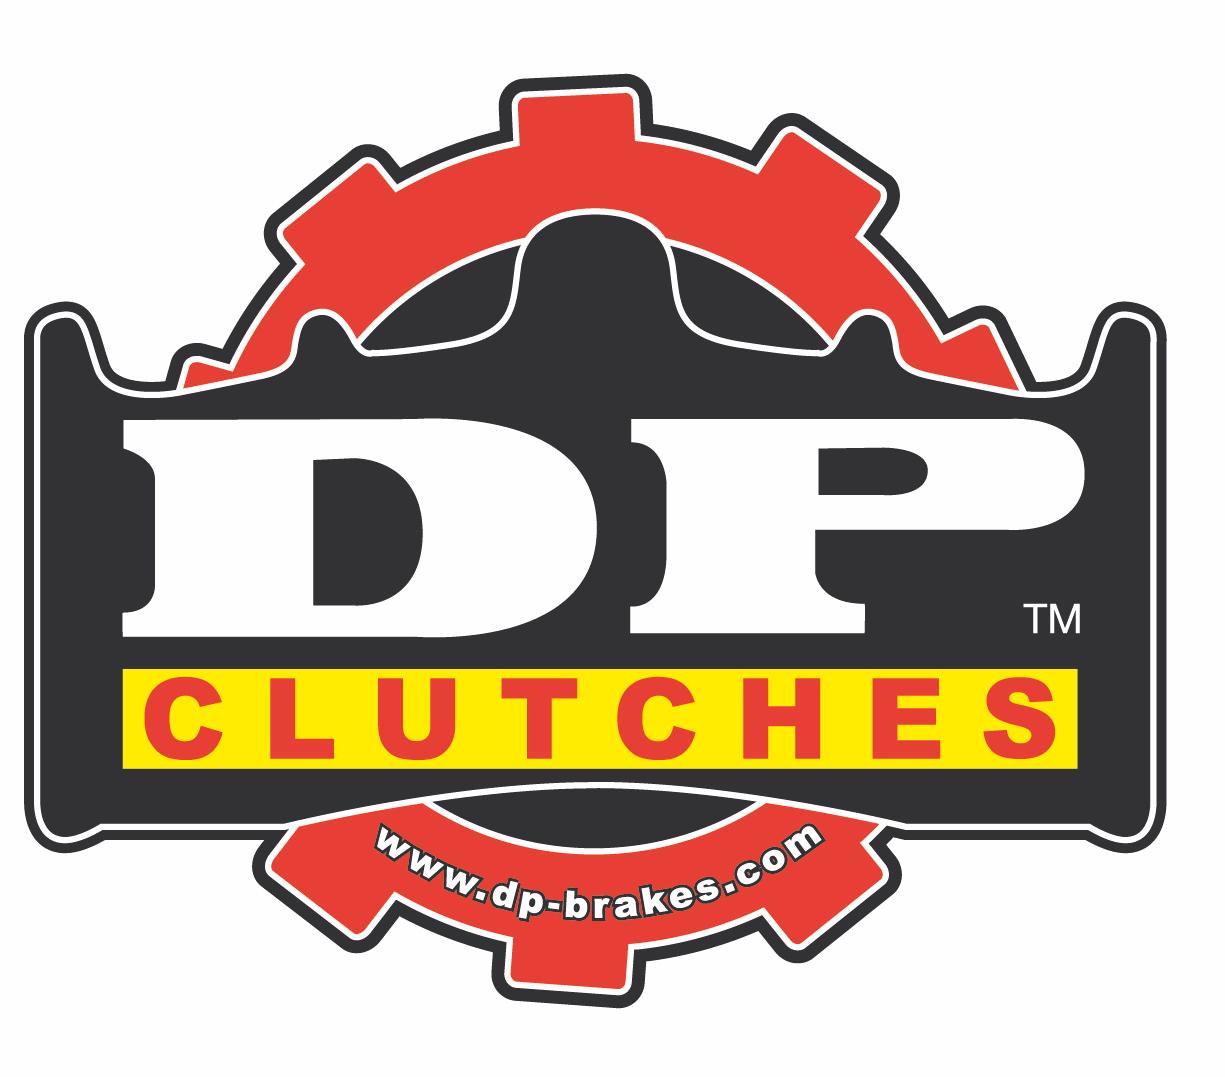 Dp_clutches